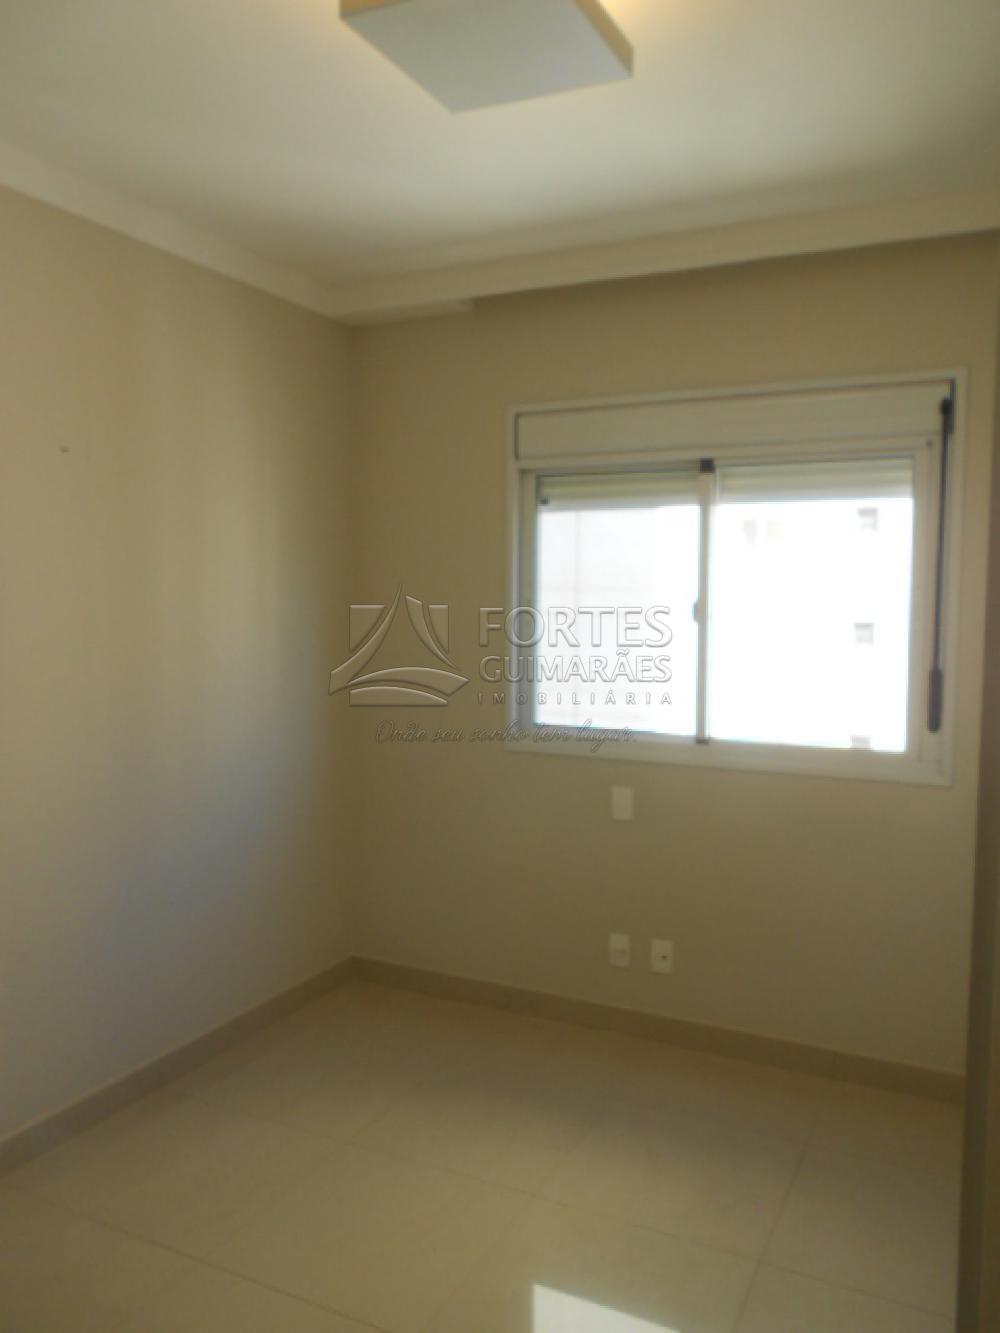 Alugar Apartamentos / Padrão em Ribeirão Preto apenas R$ 8.500,00 - Foto 29